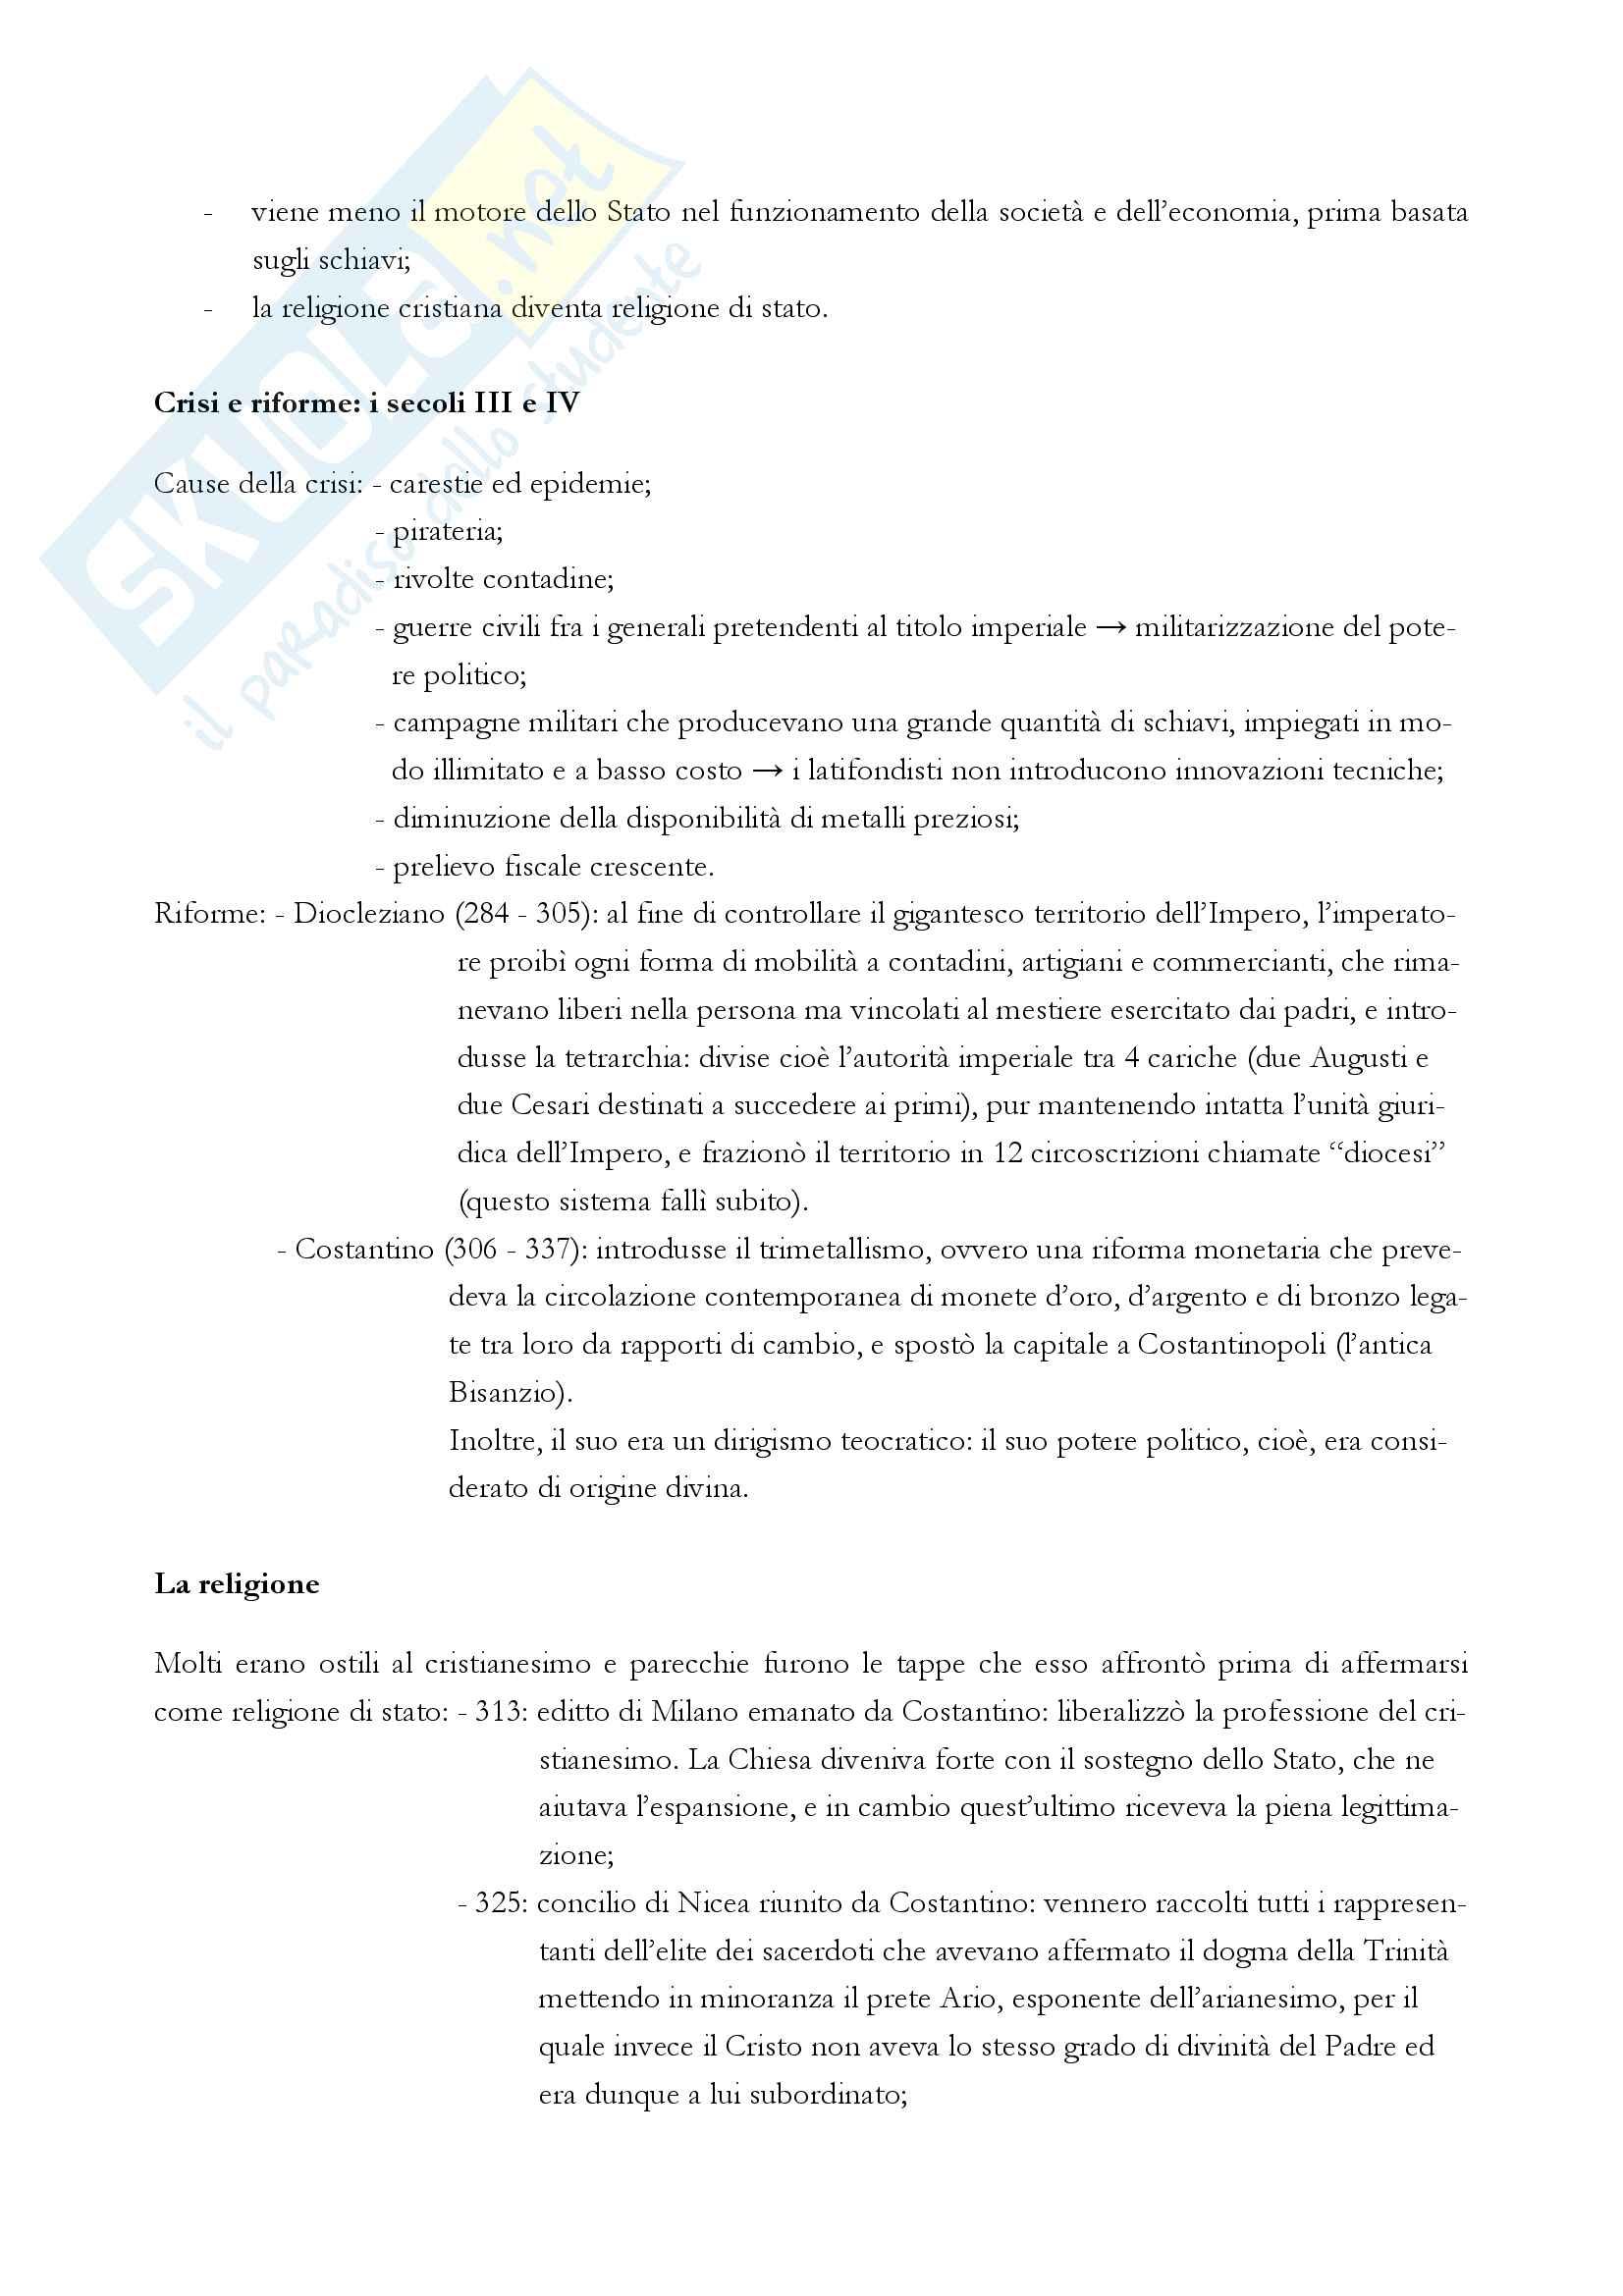 """Riassunto esame storia medievale, Prof. Varanini, libro consigliato """"I mille anni del Medioevo"""" (G. Piccinni) (prima parte) Pag. 2"""